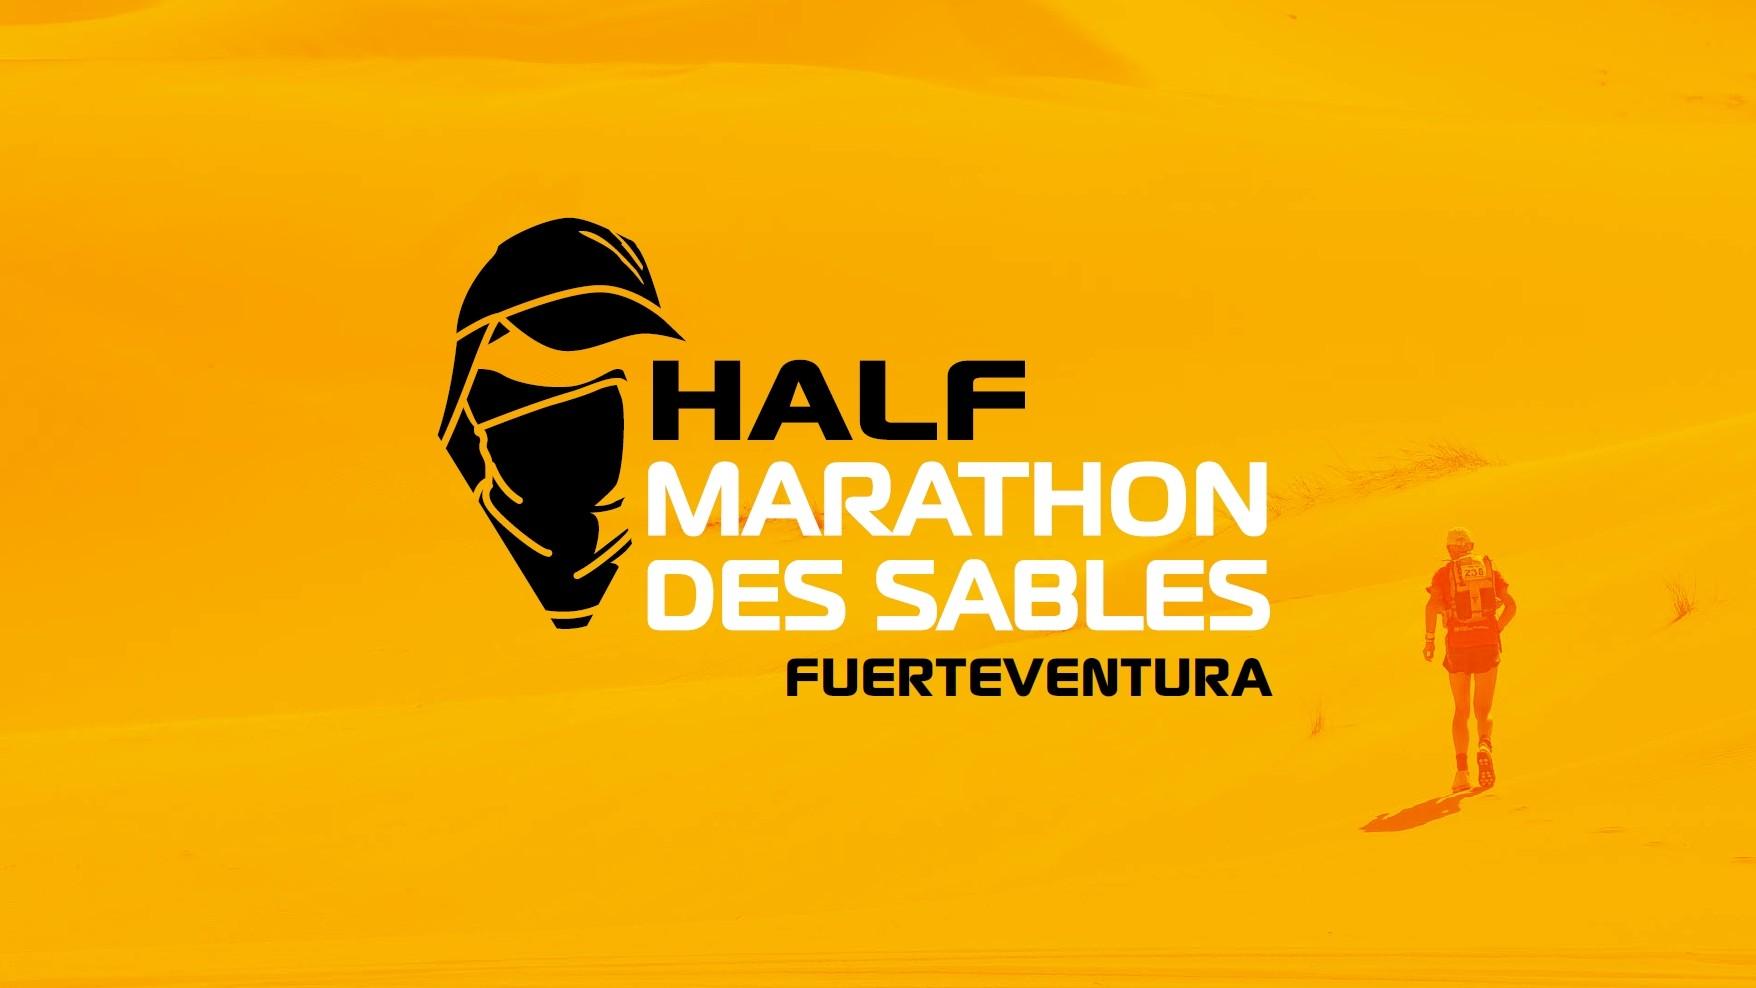 El Marathon des Sables salta a Fuerteventura